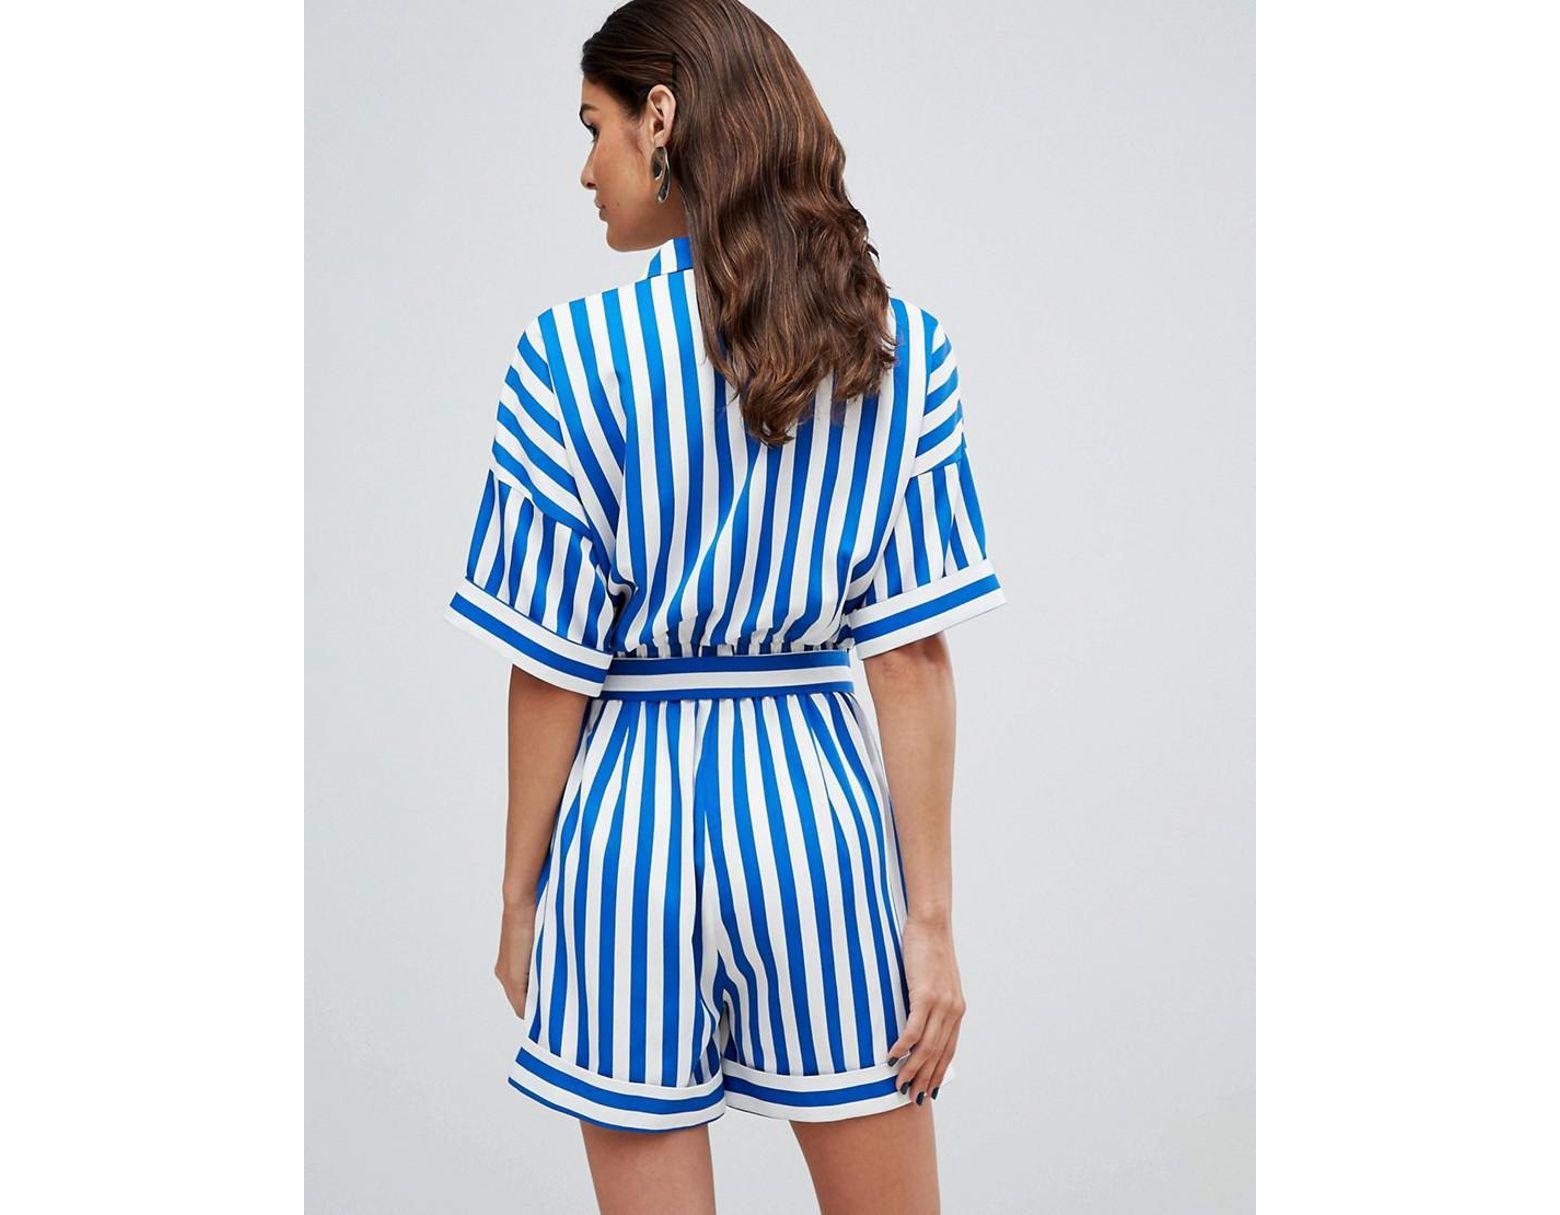 756b1486f66393 Combishort rayé femme de coloris bleu